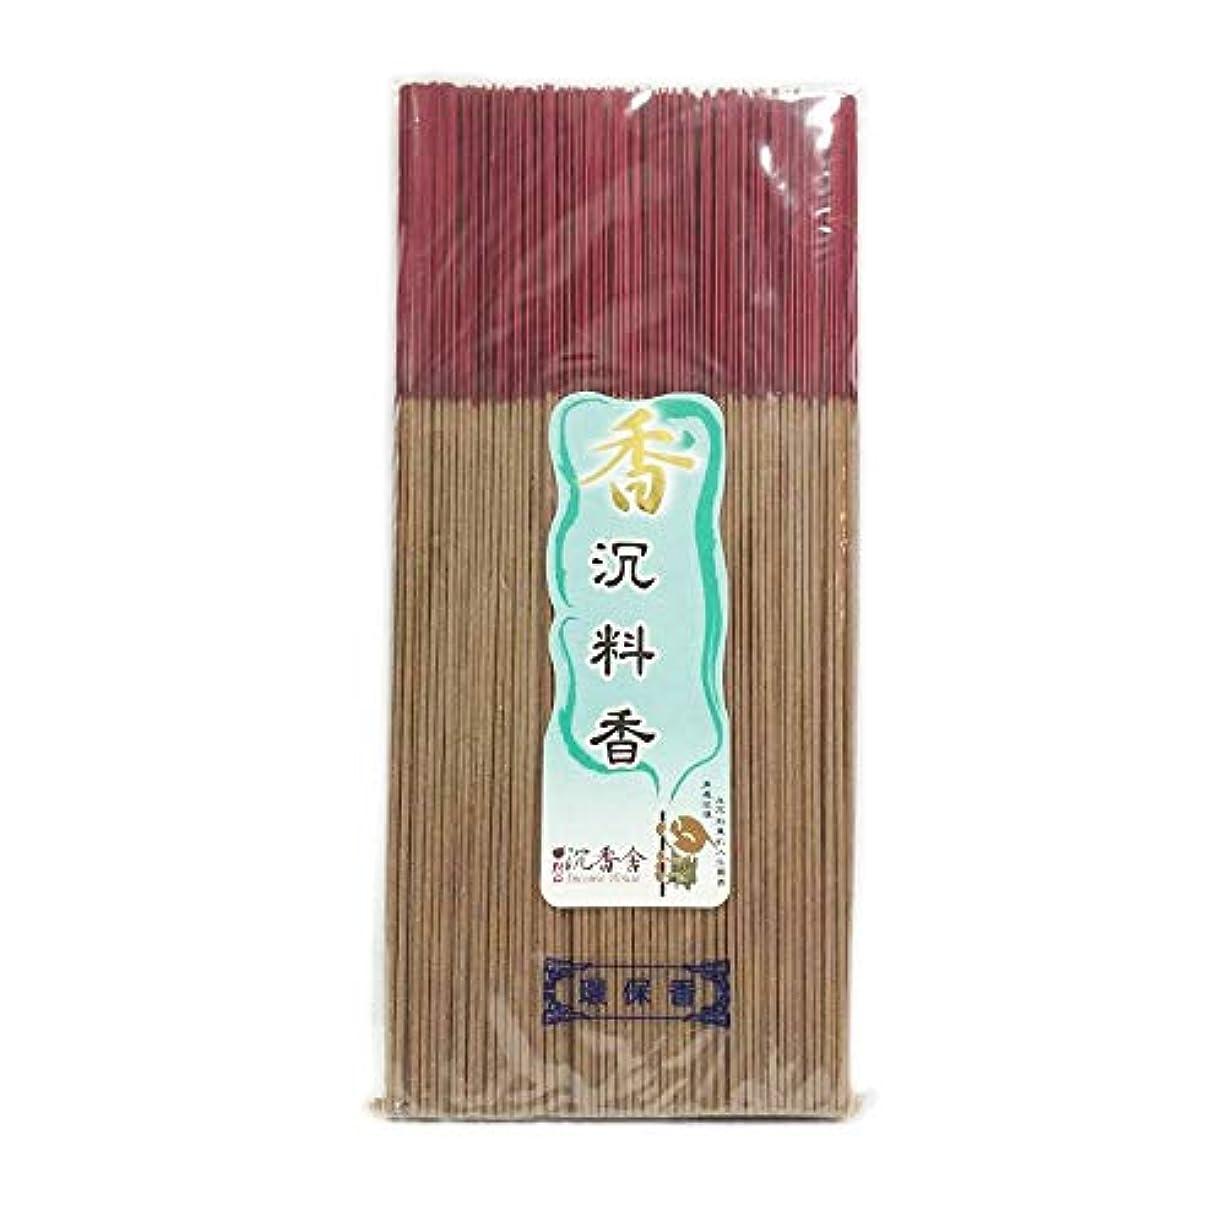 半ば旅行ハード伝統的 中国風 薬味 ジョス お香スティック 300g 台湾 お香 家 宗教的 仏陀用 約400本 30cm